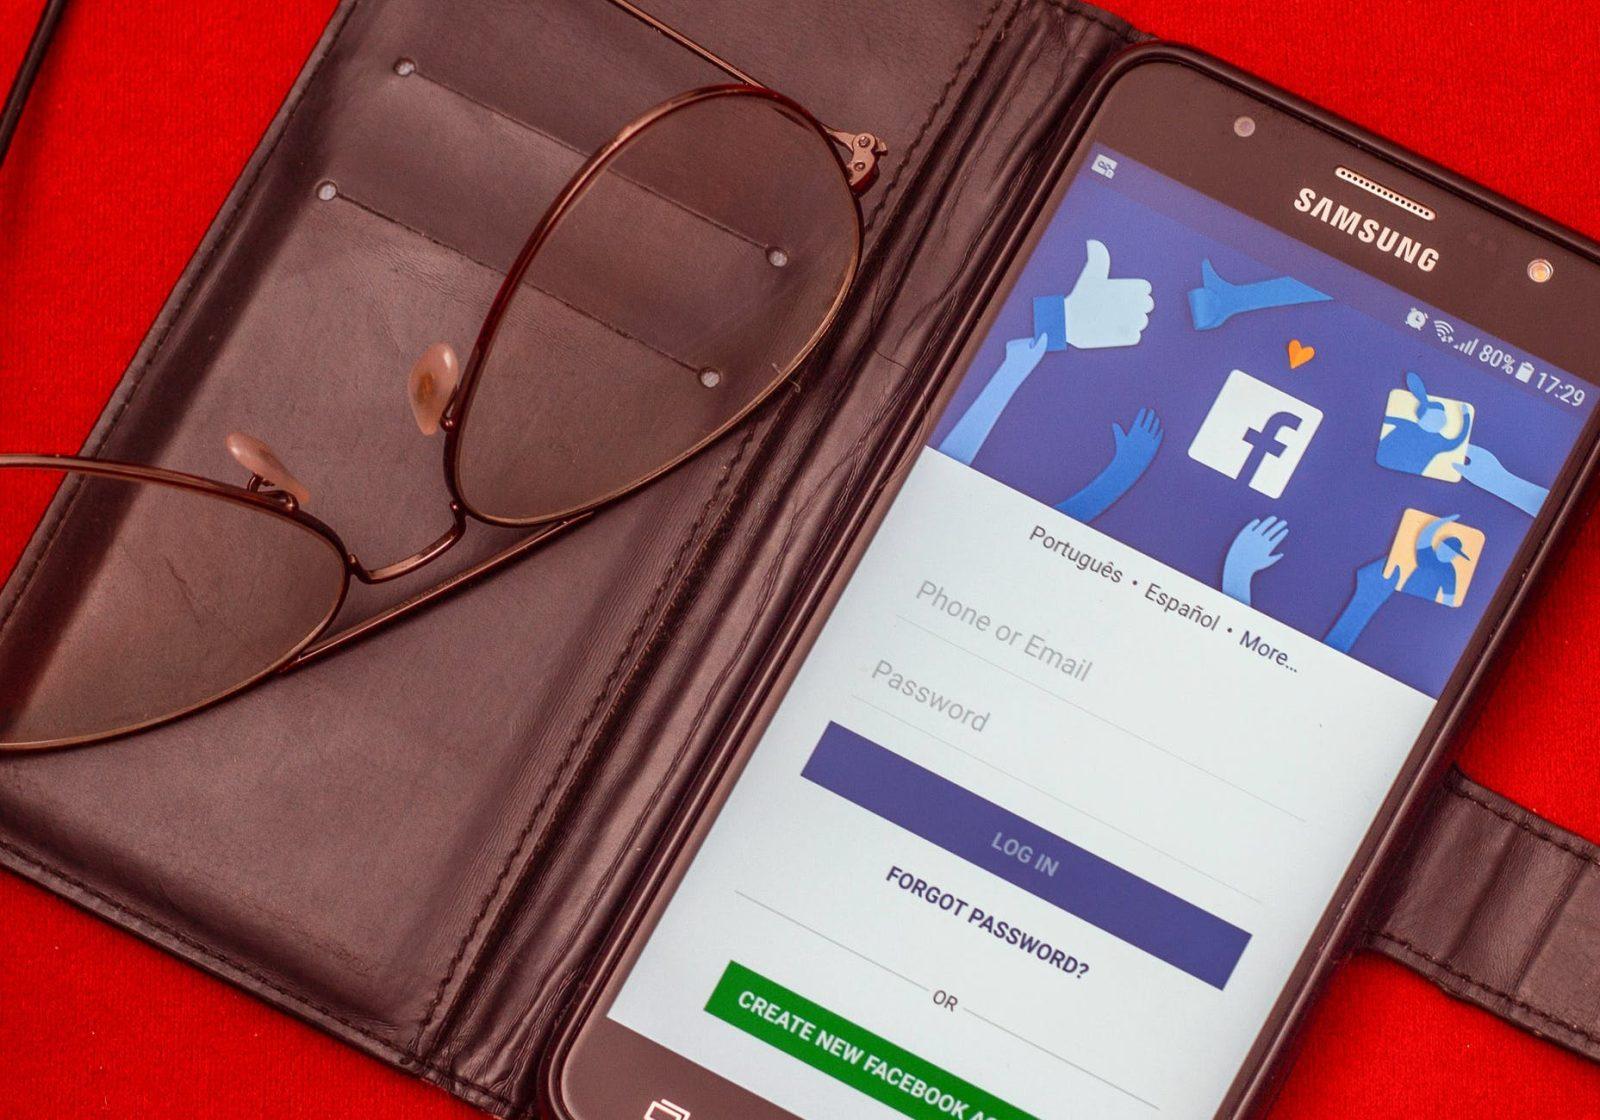 פרסום בפייסבוק לעסקים קטנים – מדריך מהיר (טופס לידים)